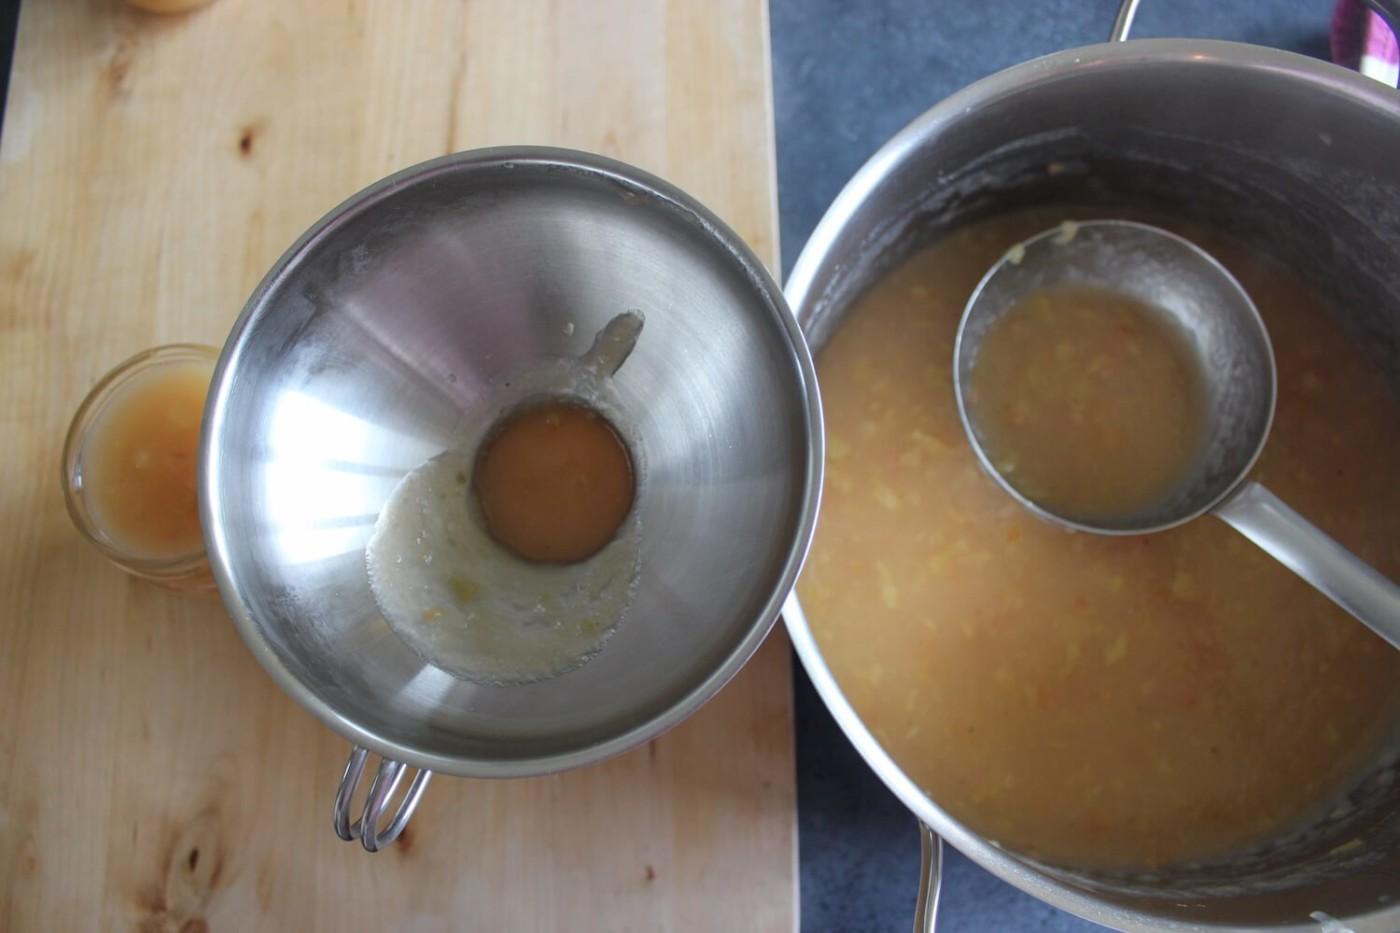 Apfelmus nach den 5 Elementen - Koch- und Ernährungslehre der Traditionellen Chinesischen Medizin (TCM)